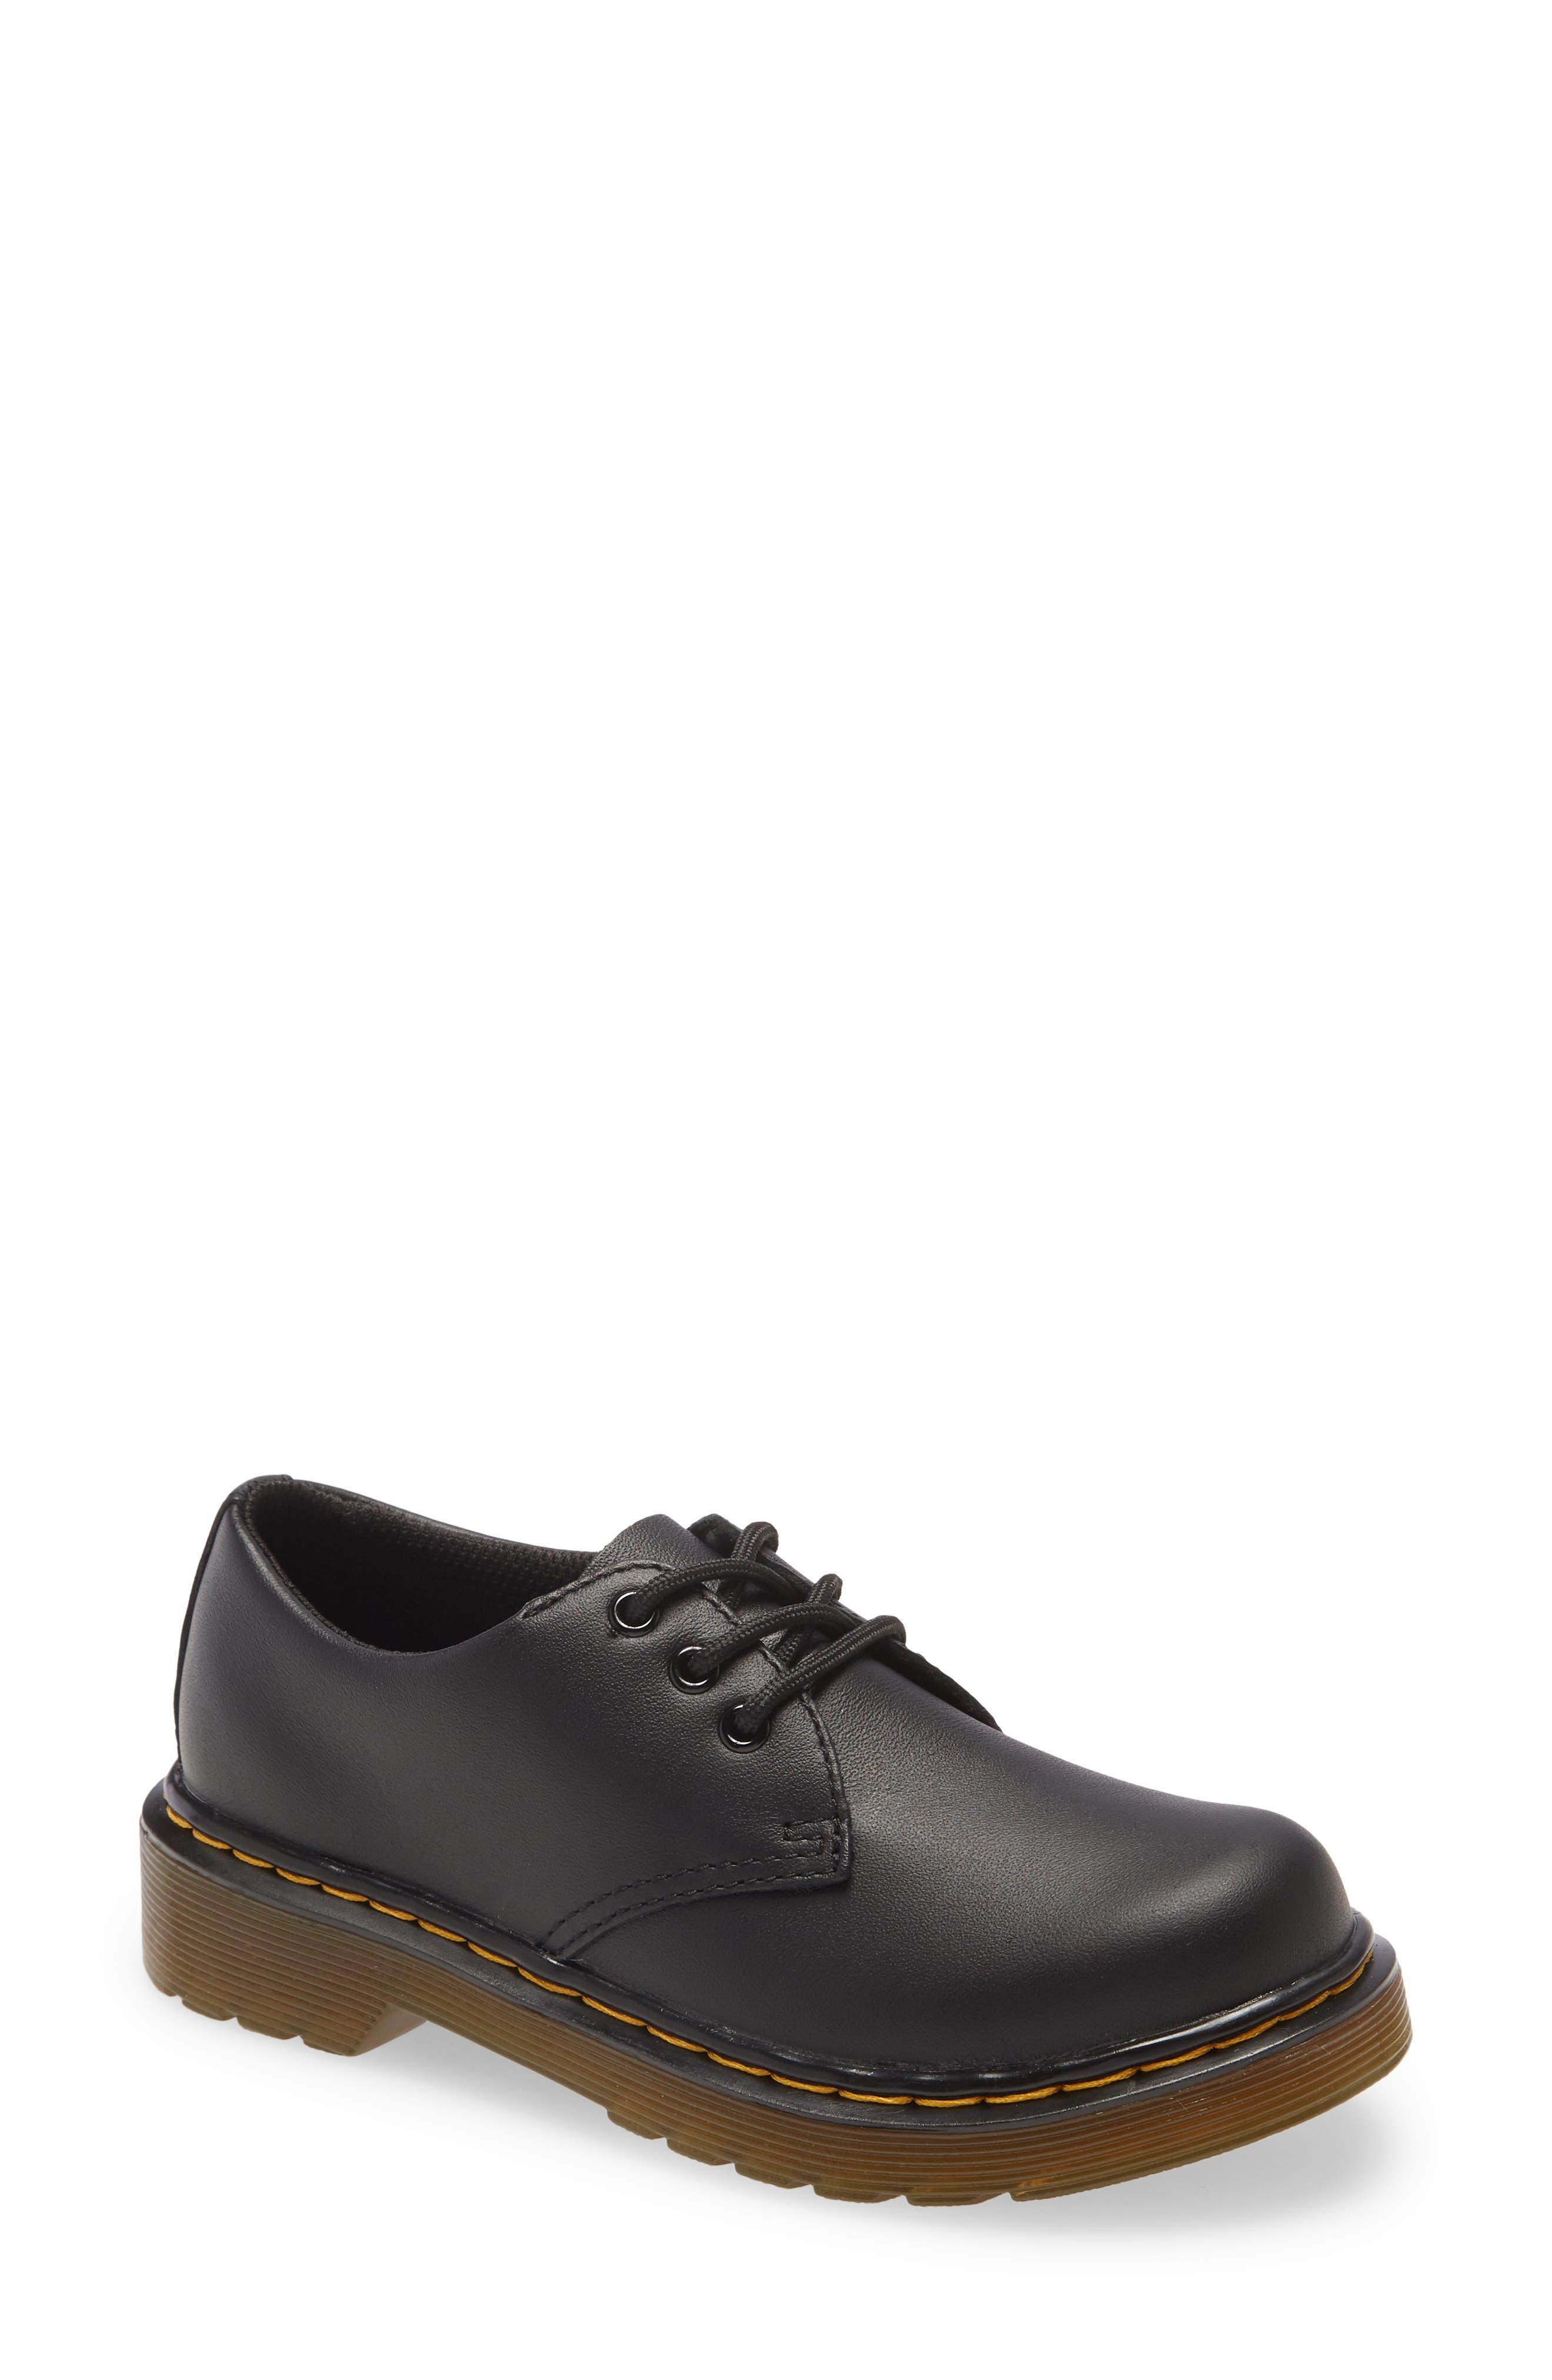 dr martins kids shoes